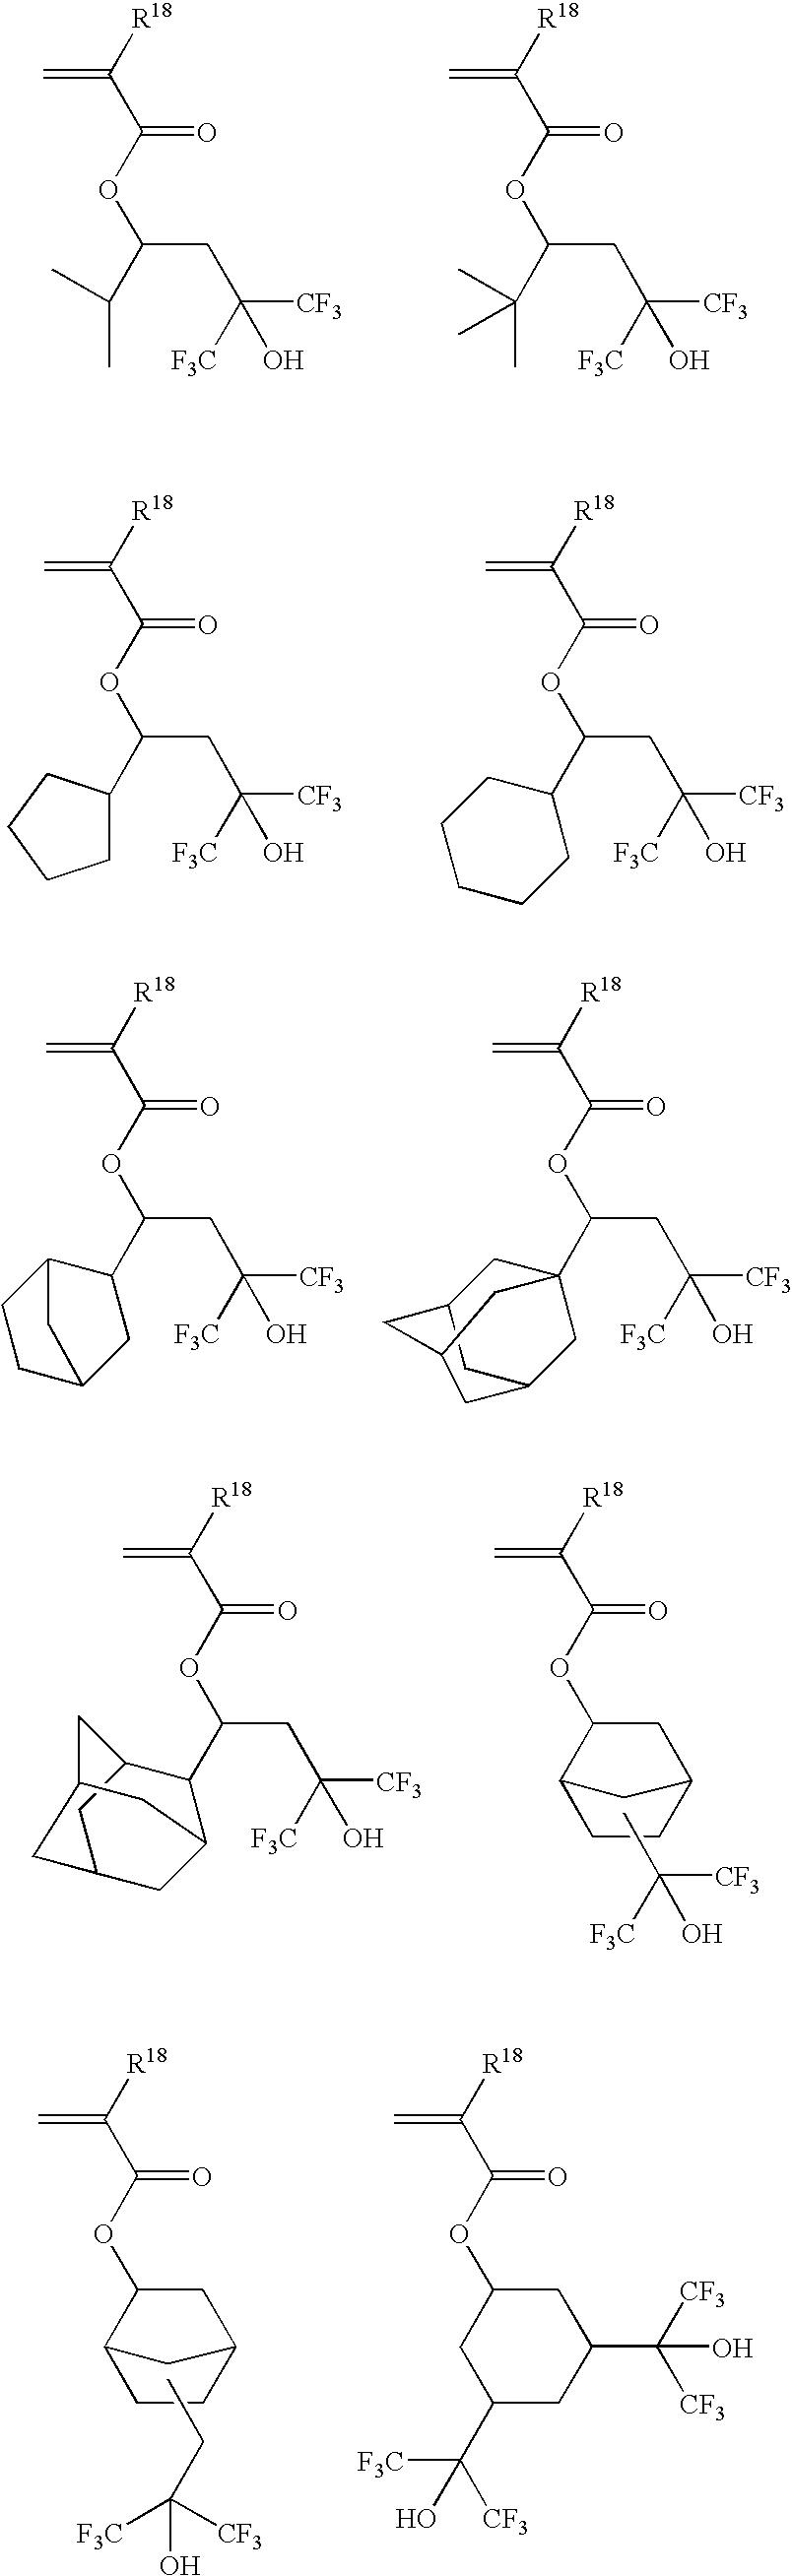 Figure US20100178617A1-20100715-C00061